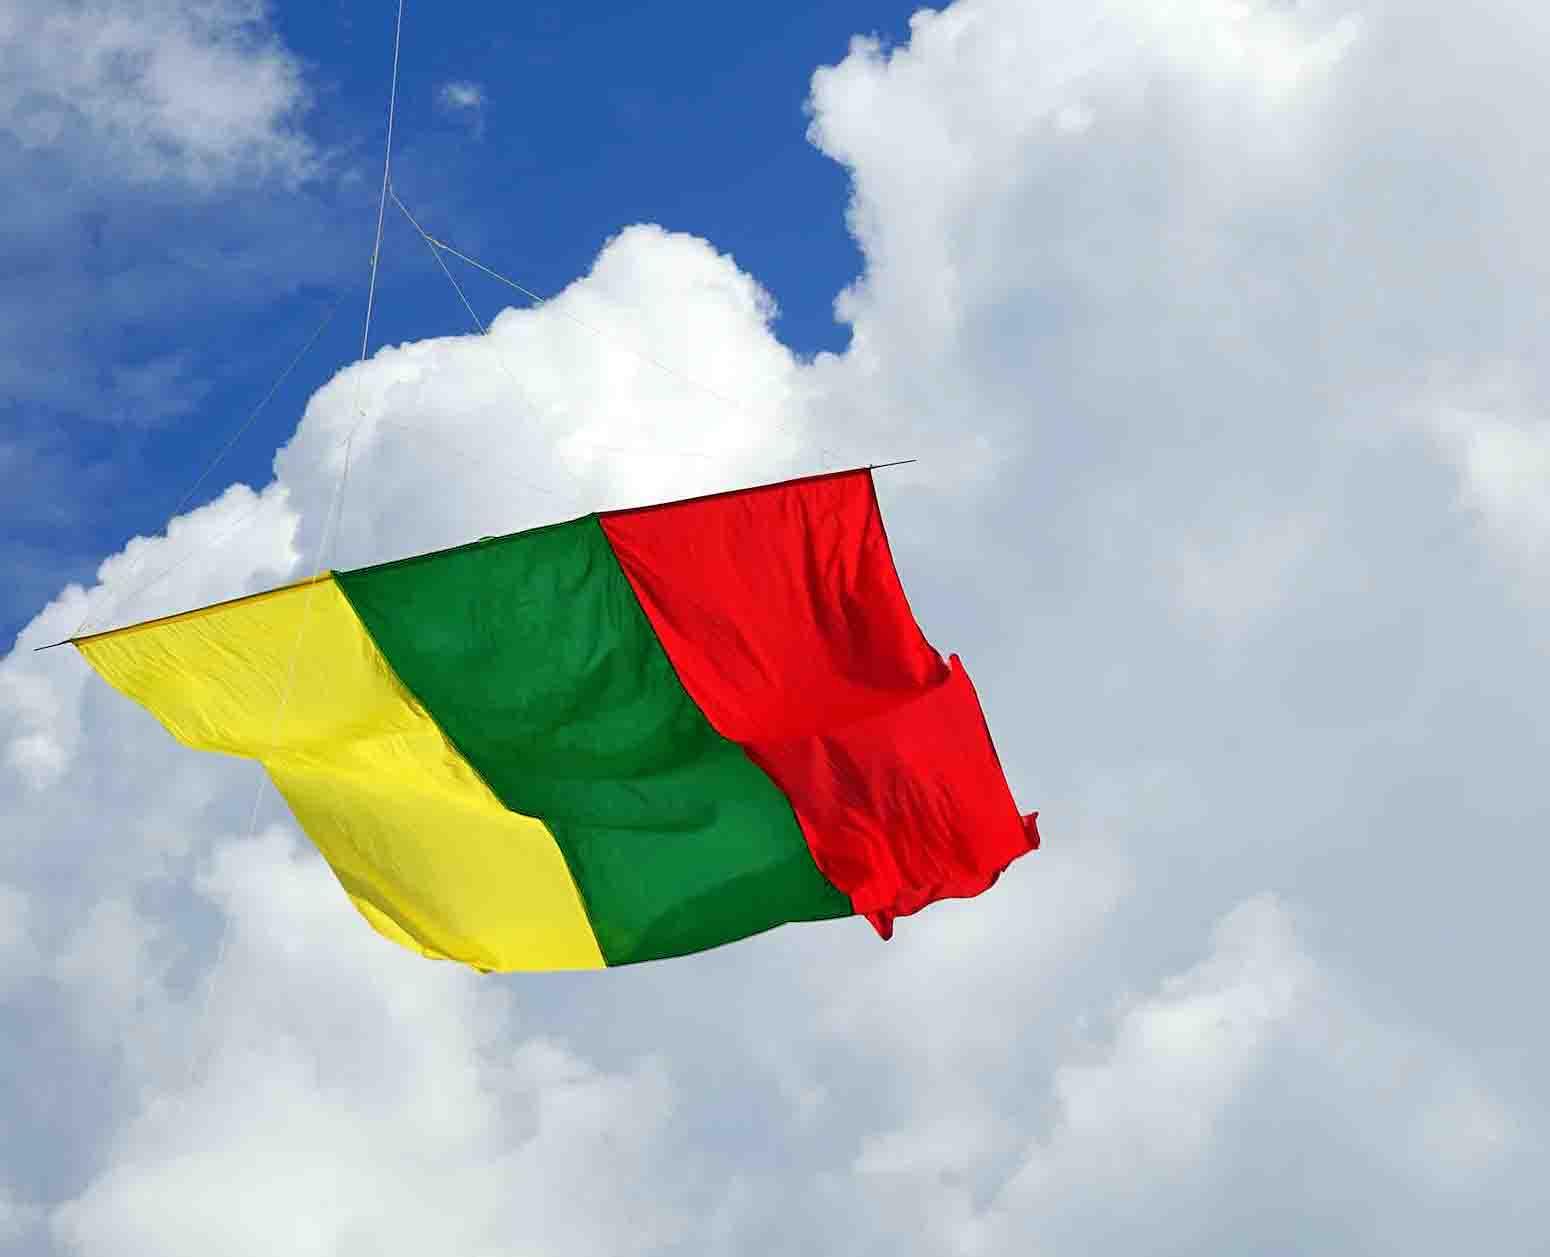 Kovo 11-ąją sostinės danguje skris laisvės vėliava   M. Abramavičiaus-Neboisia nuotr.